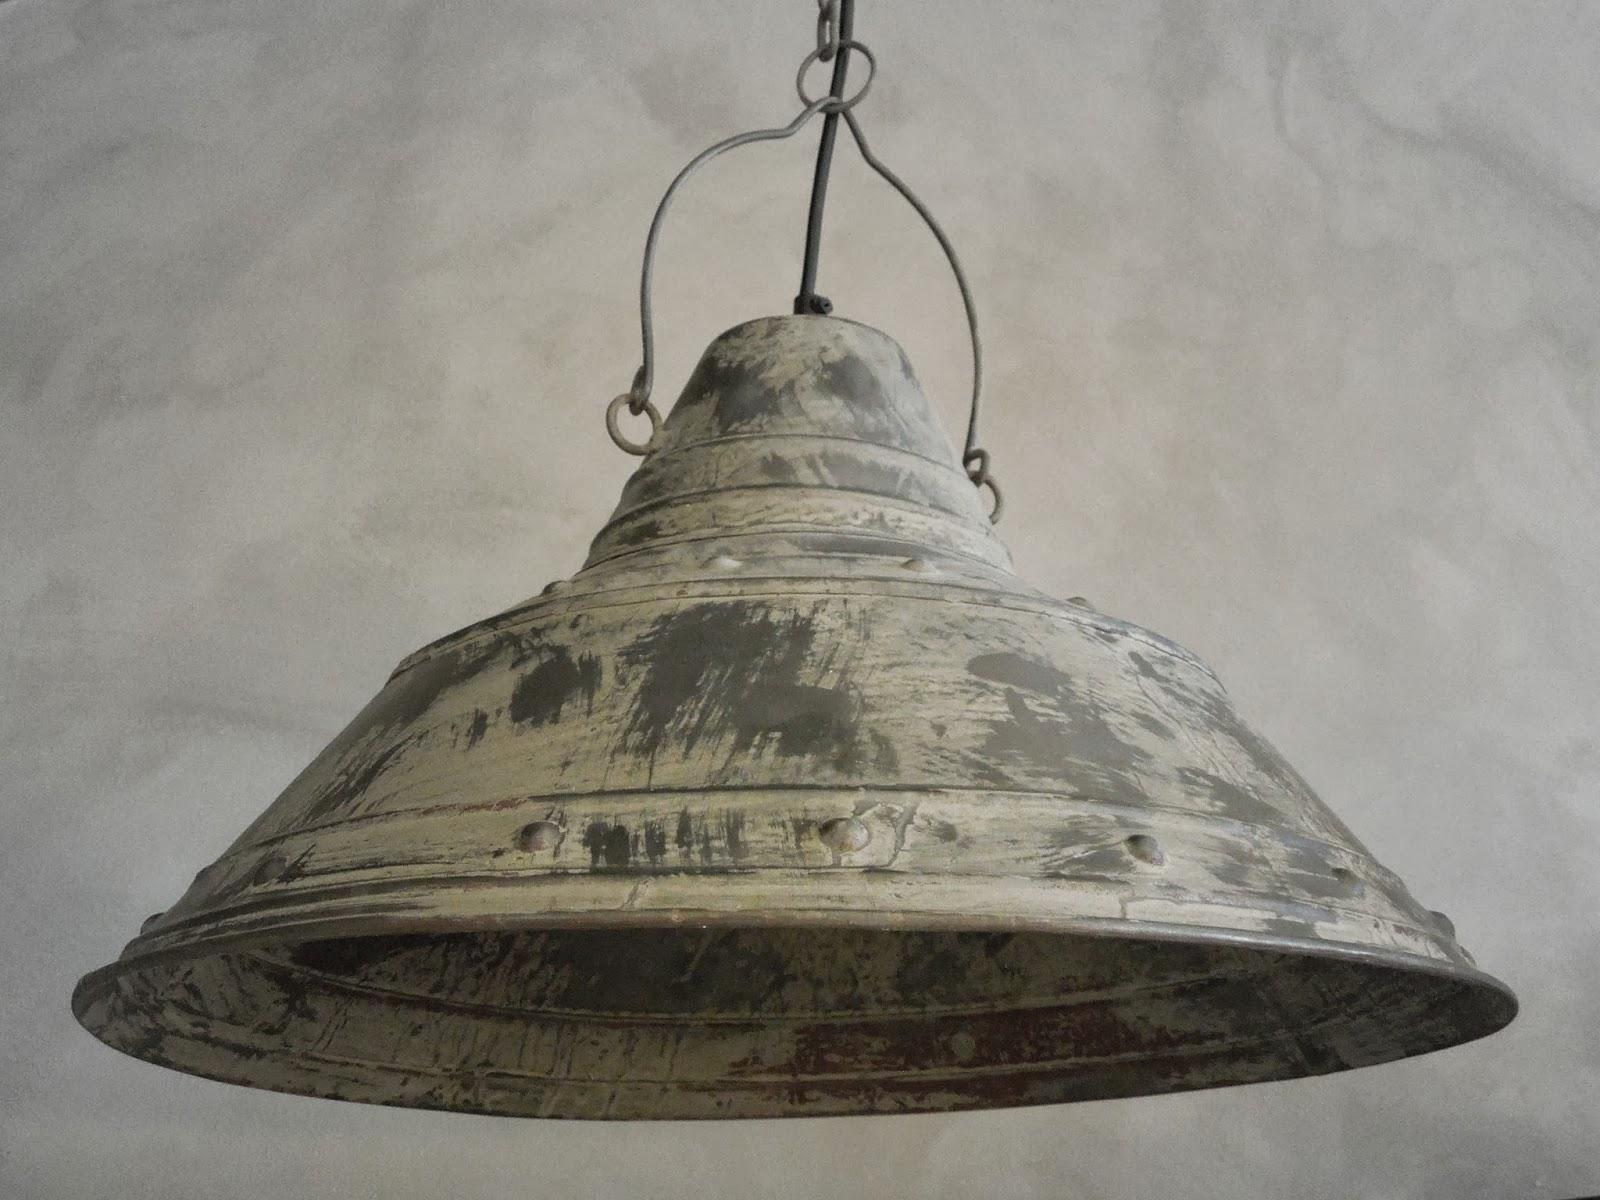 Van de zolder stoere industriele lampen - Uitbreiding van de zolder ...